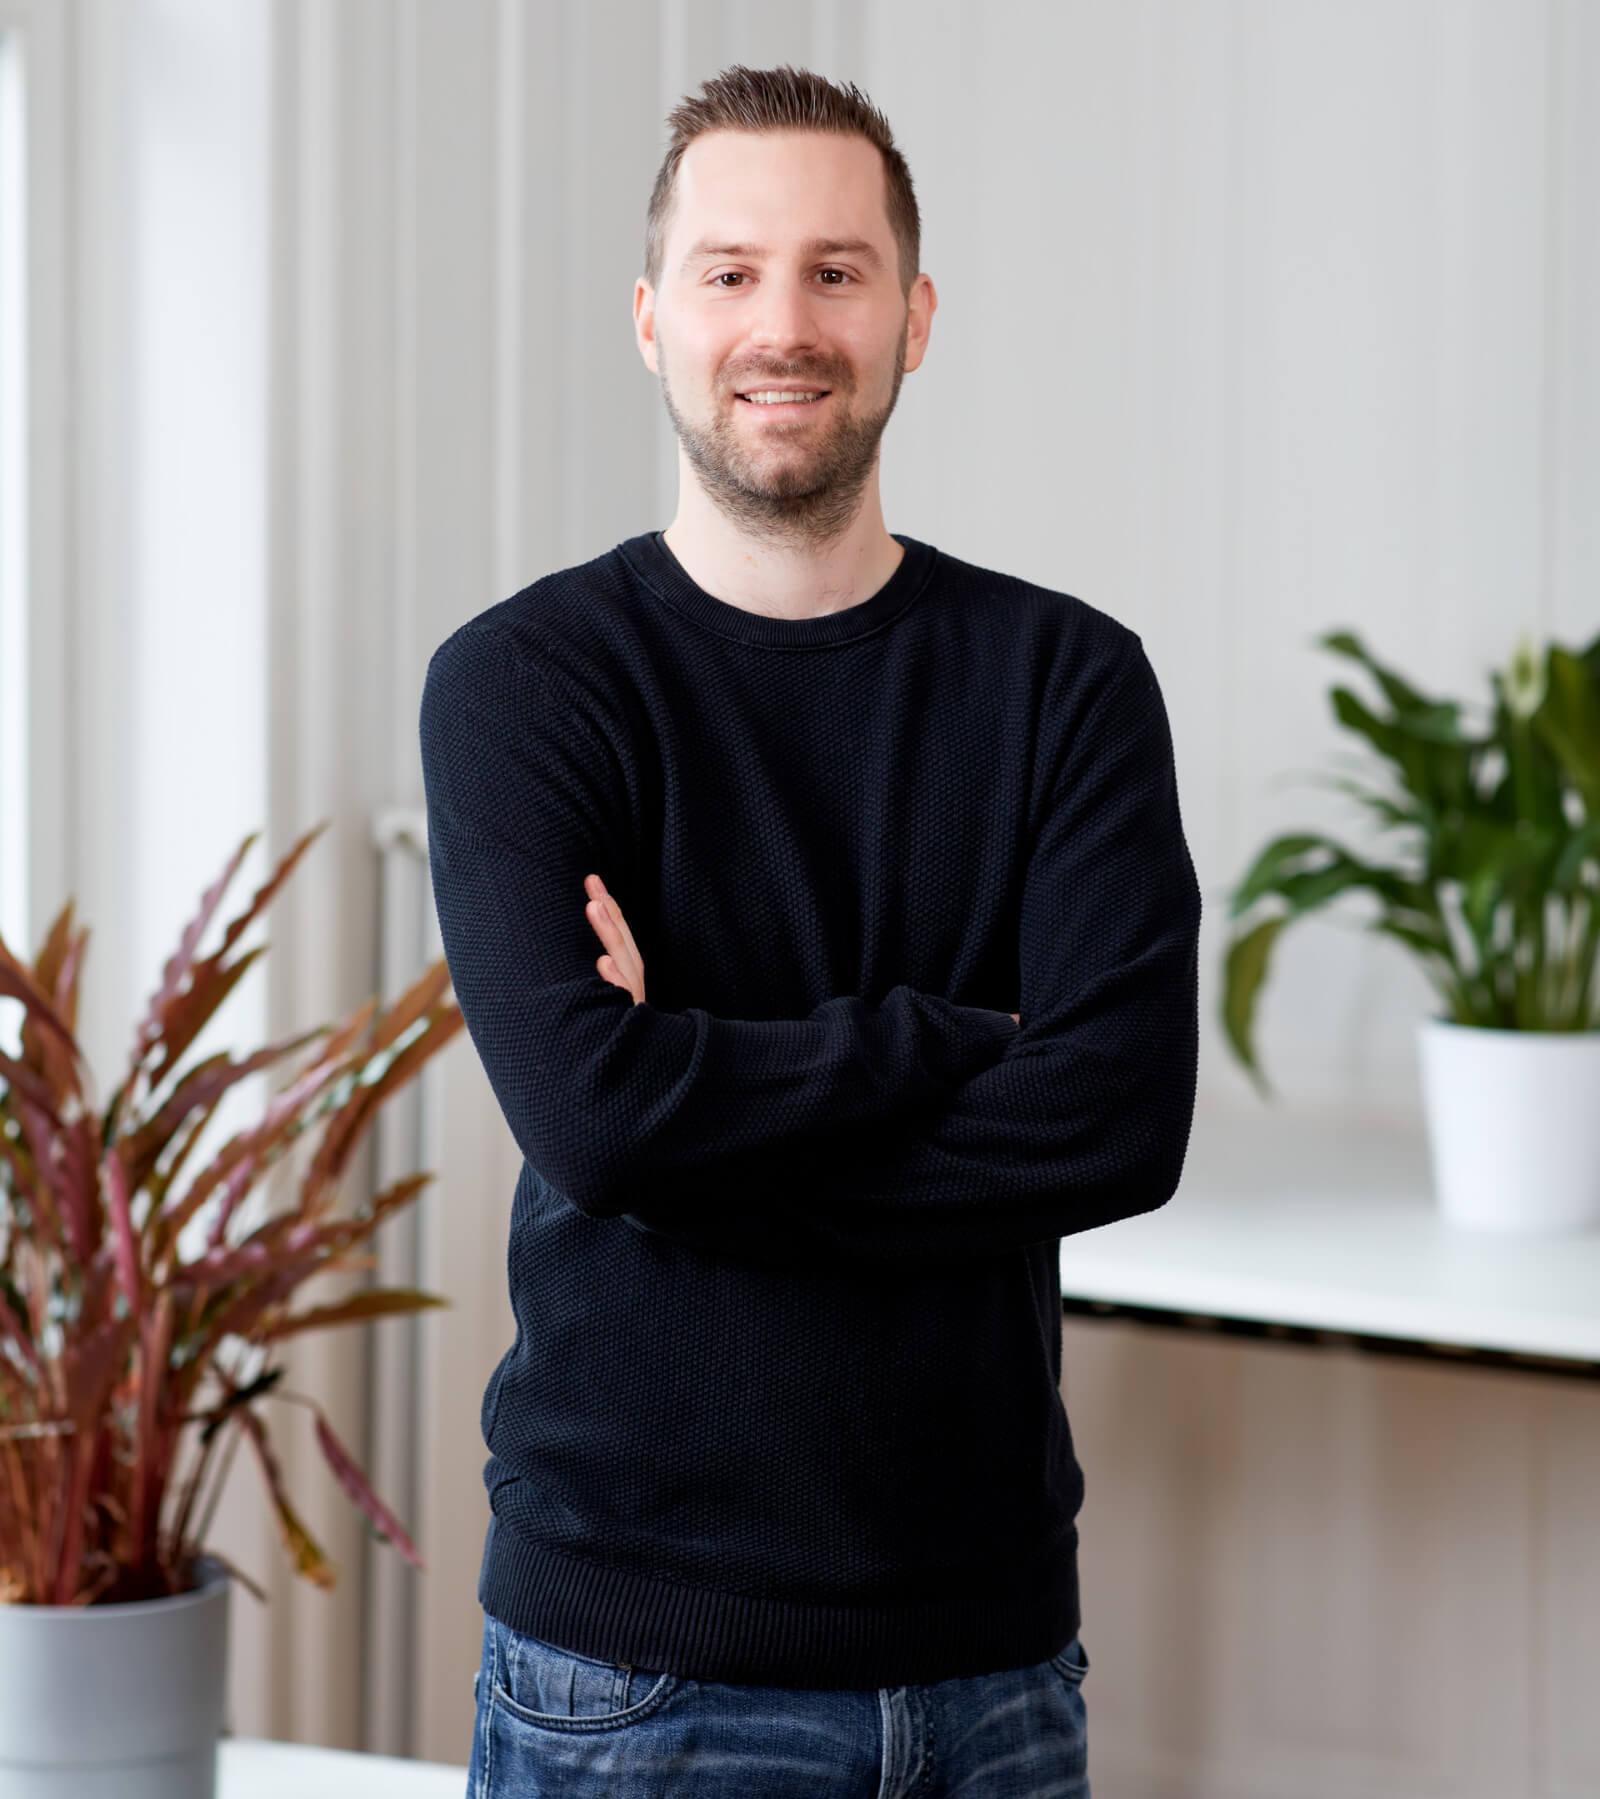 Lukas Walch